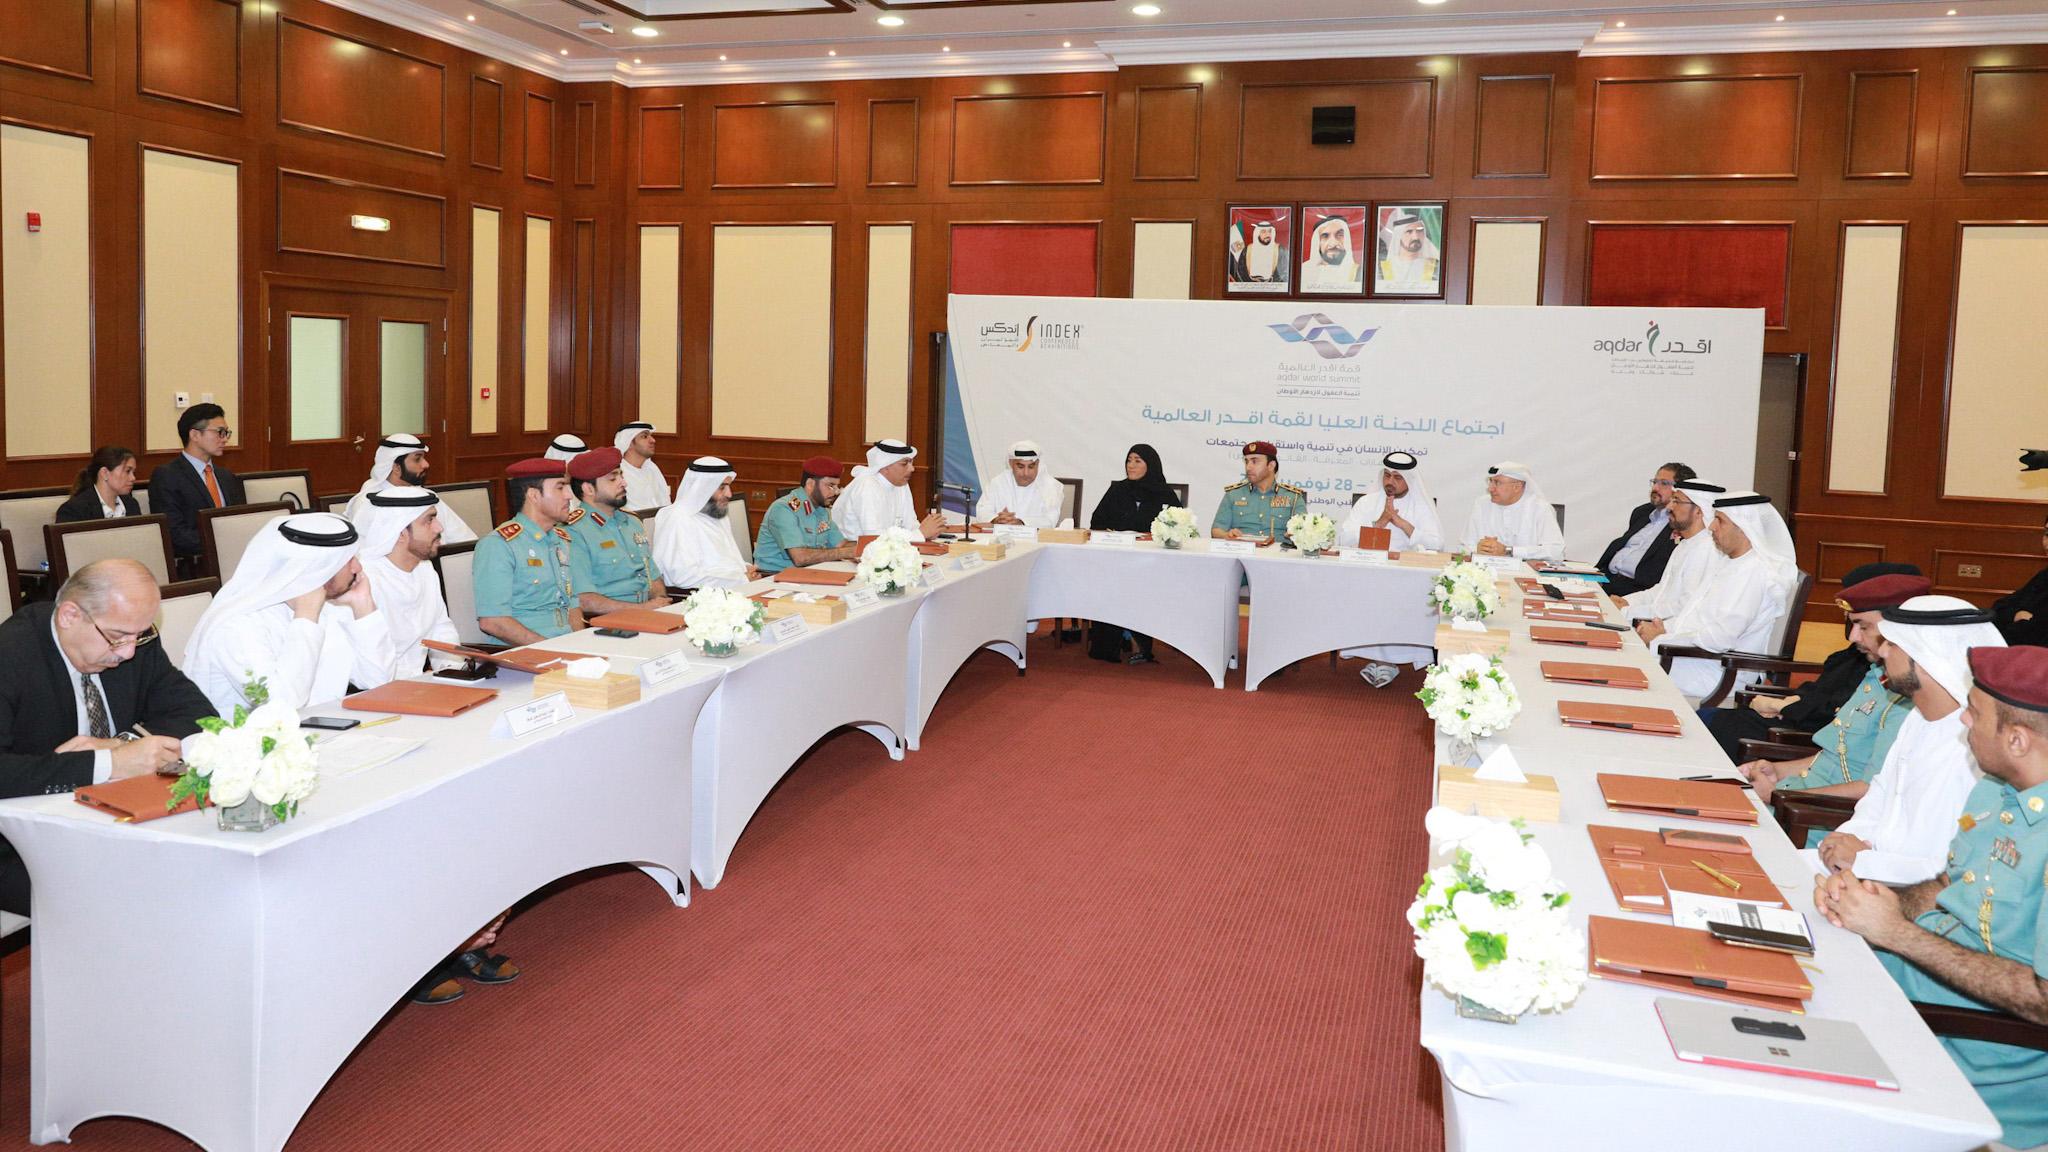 """اللجنة المنظمة لـ"""" أقدر"""" تناقش محاور دورتها الثانية وتعلن شعارها. 1"""